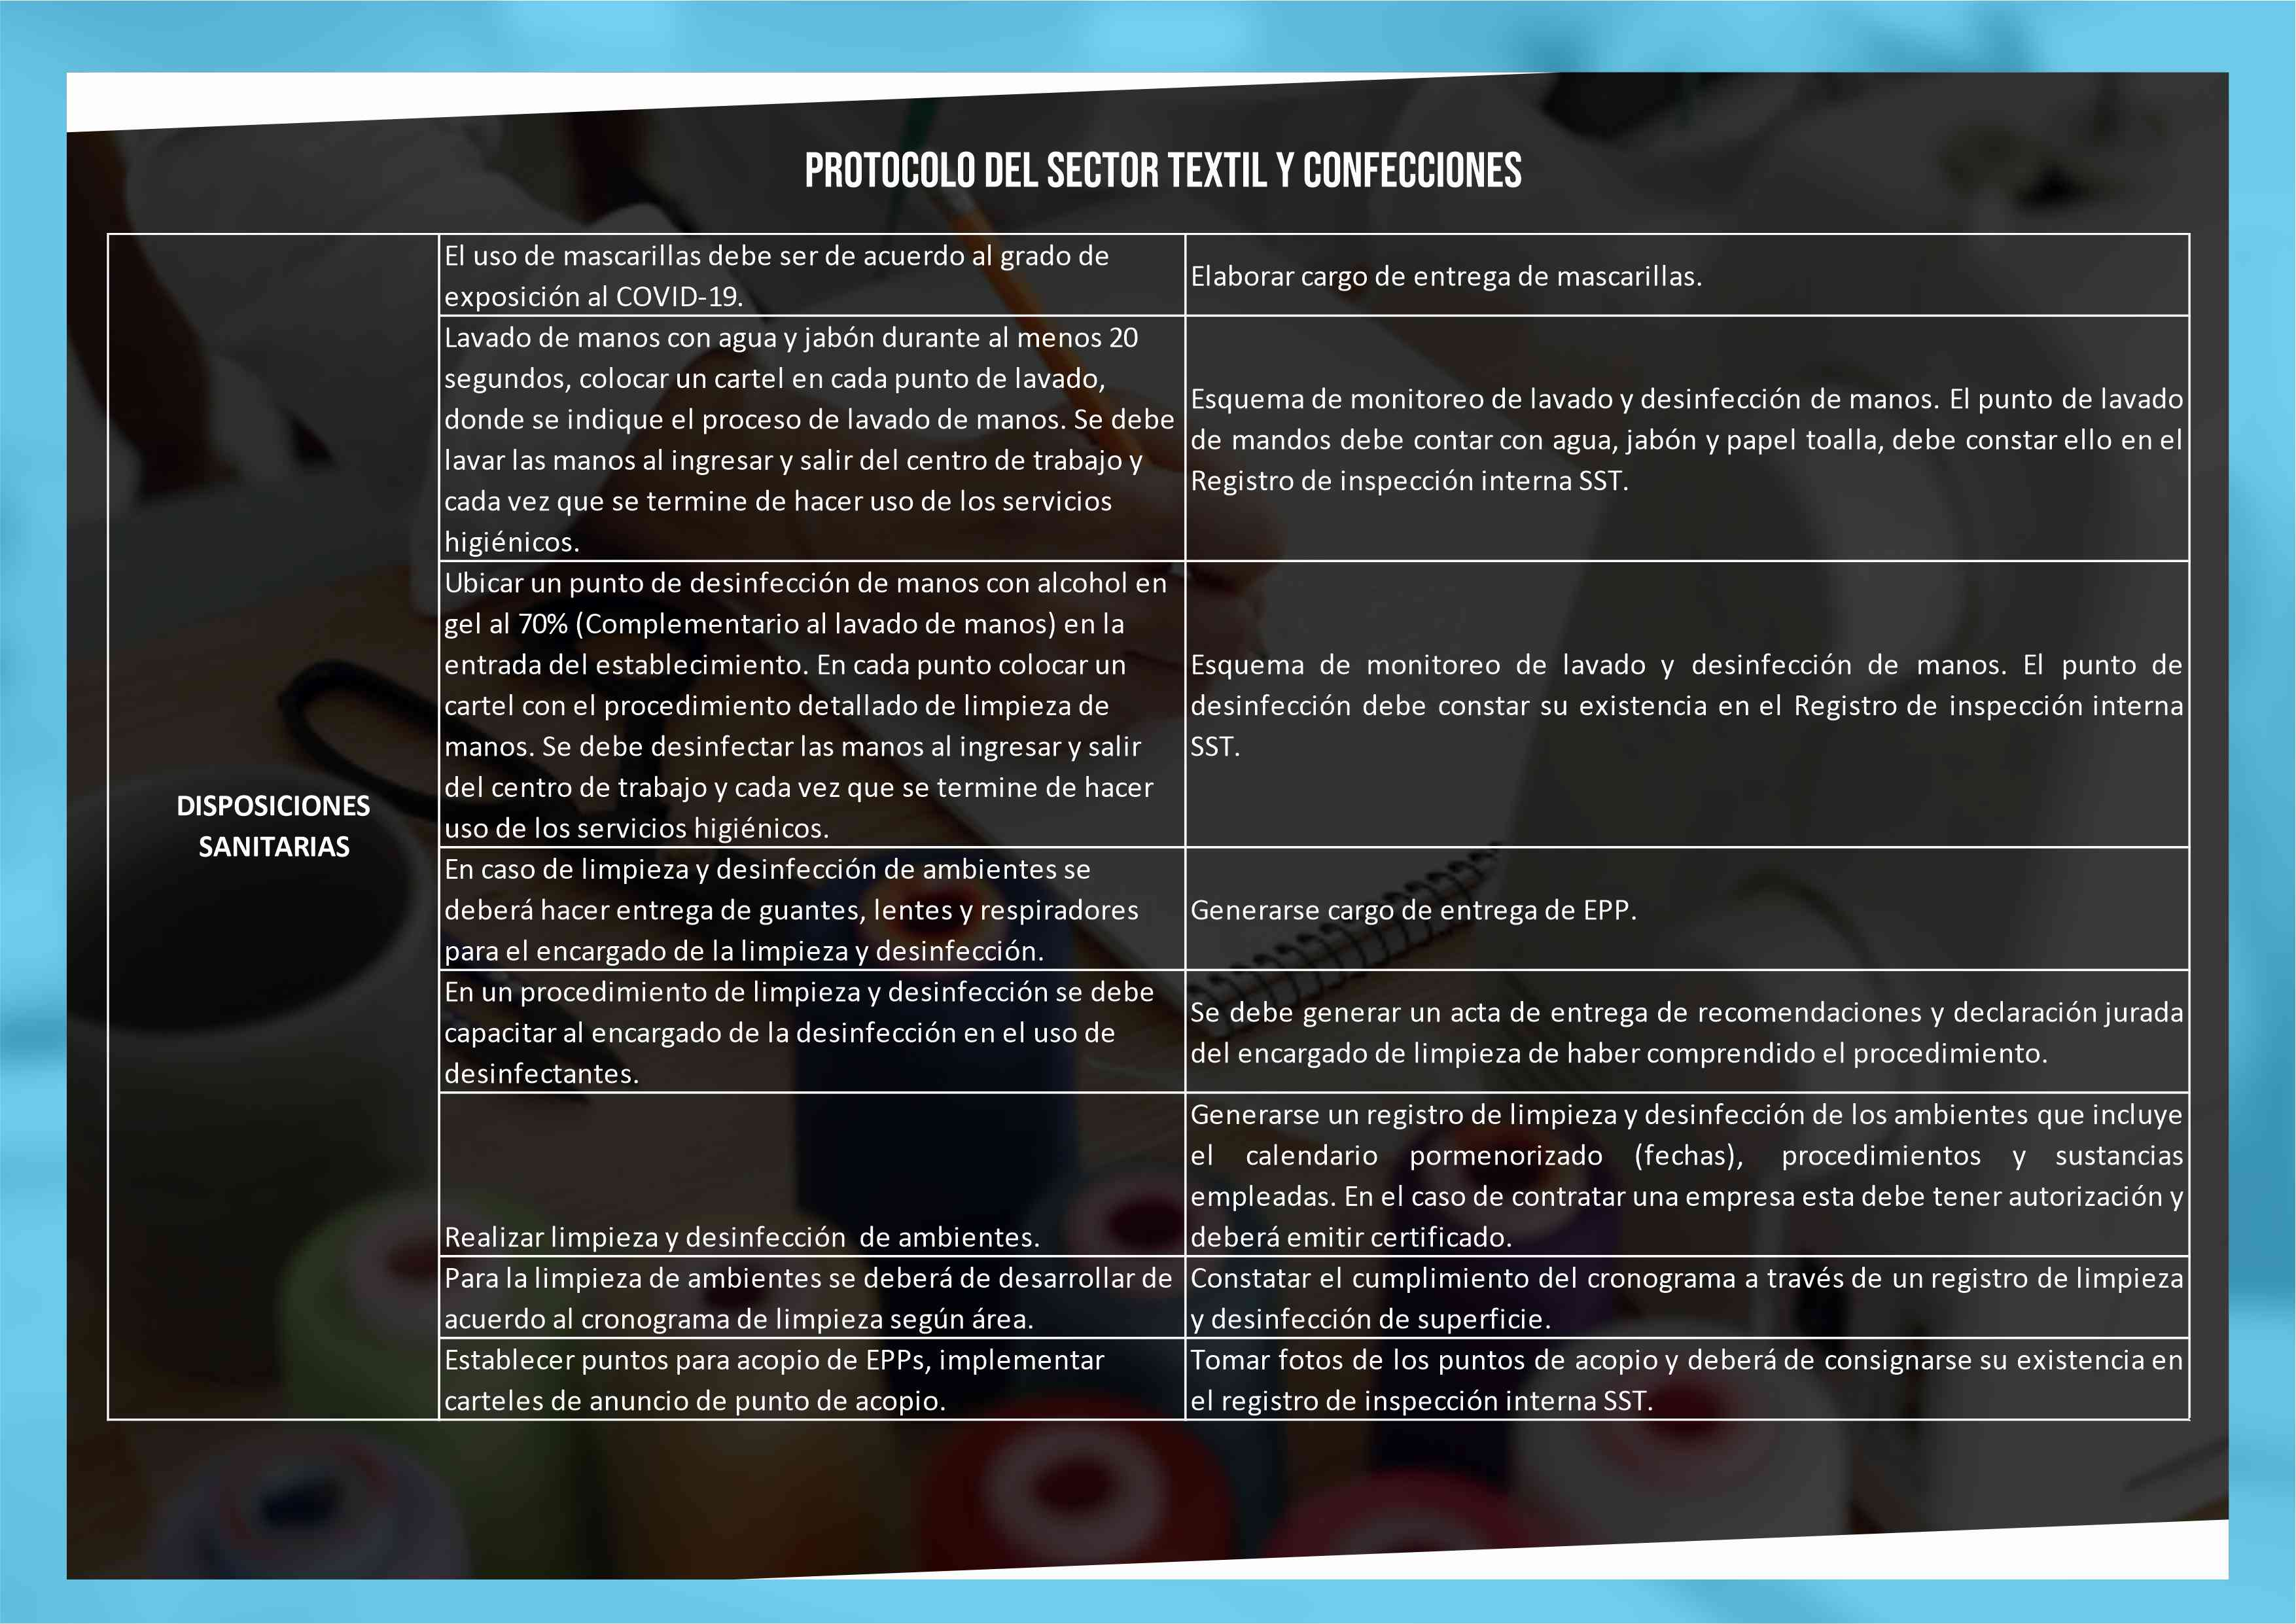 3-PROTOCOLO DEL SECTOR TEXTIL Y CONFECCIONES